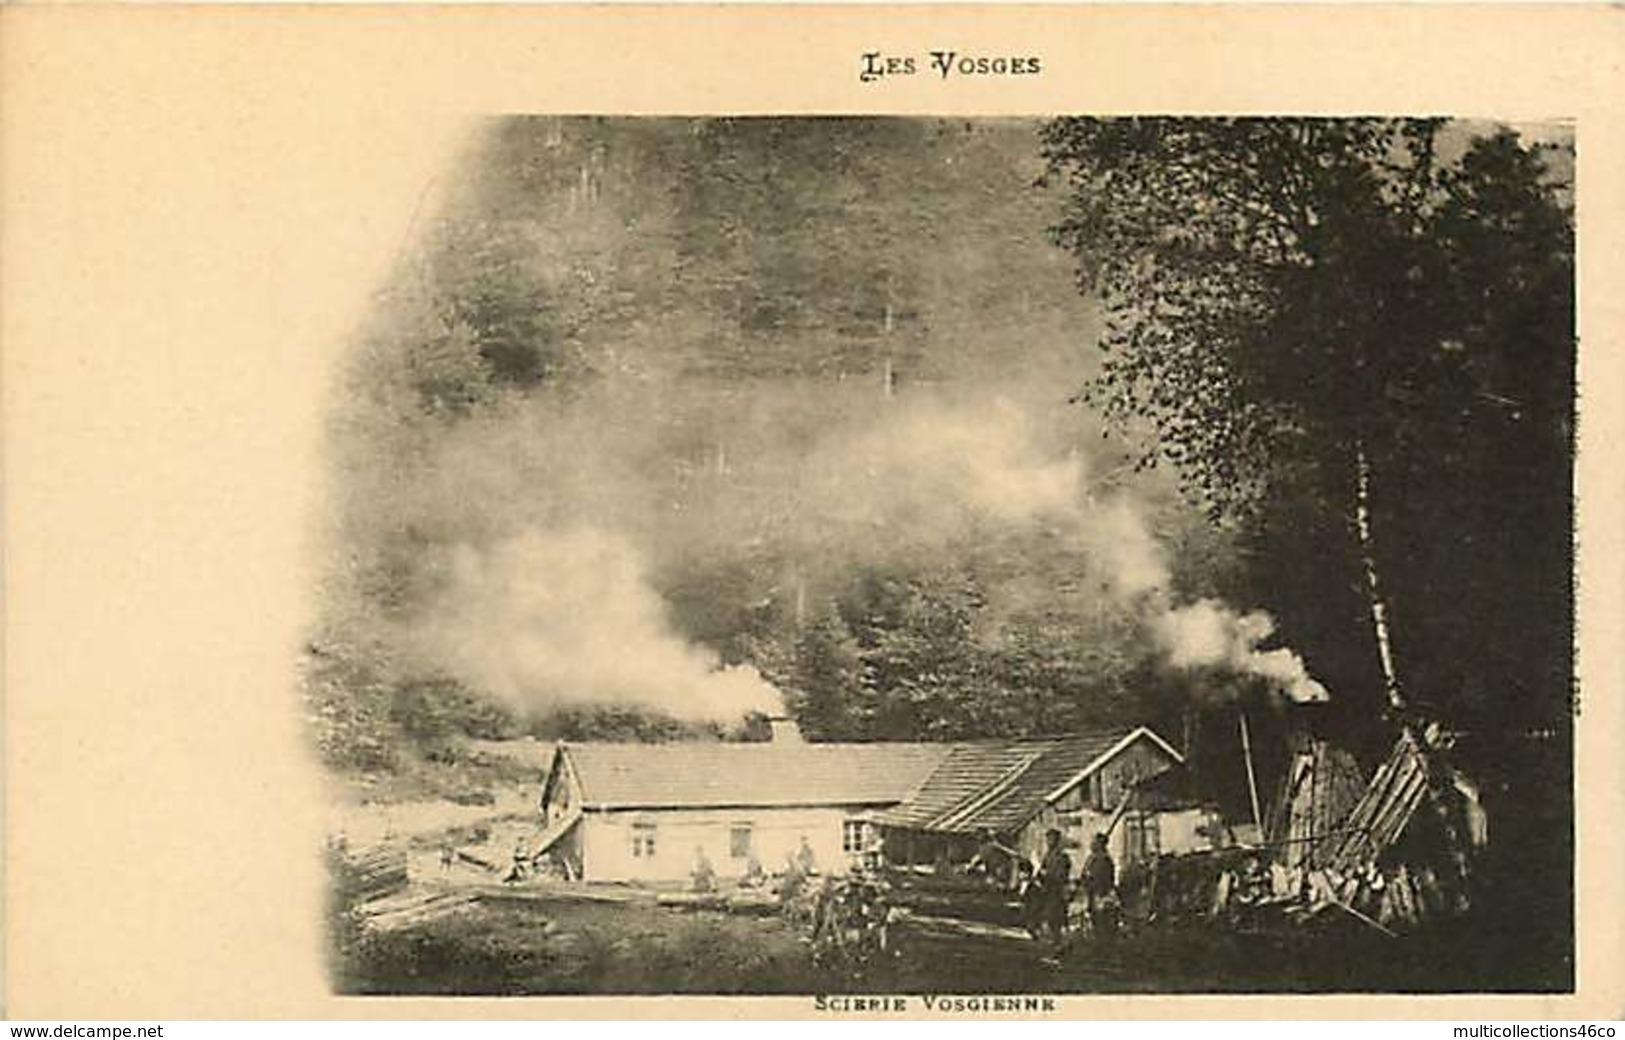 071218 - PUBLICITE ALCOOL CHAMPAGNE MERCIER EPERNAY - 88 Les Vosges - Scierie Vosgienne - - Champagne & Mousseux